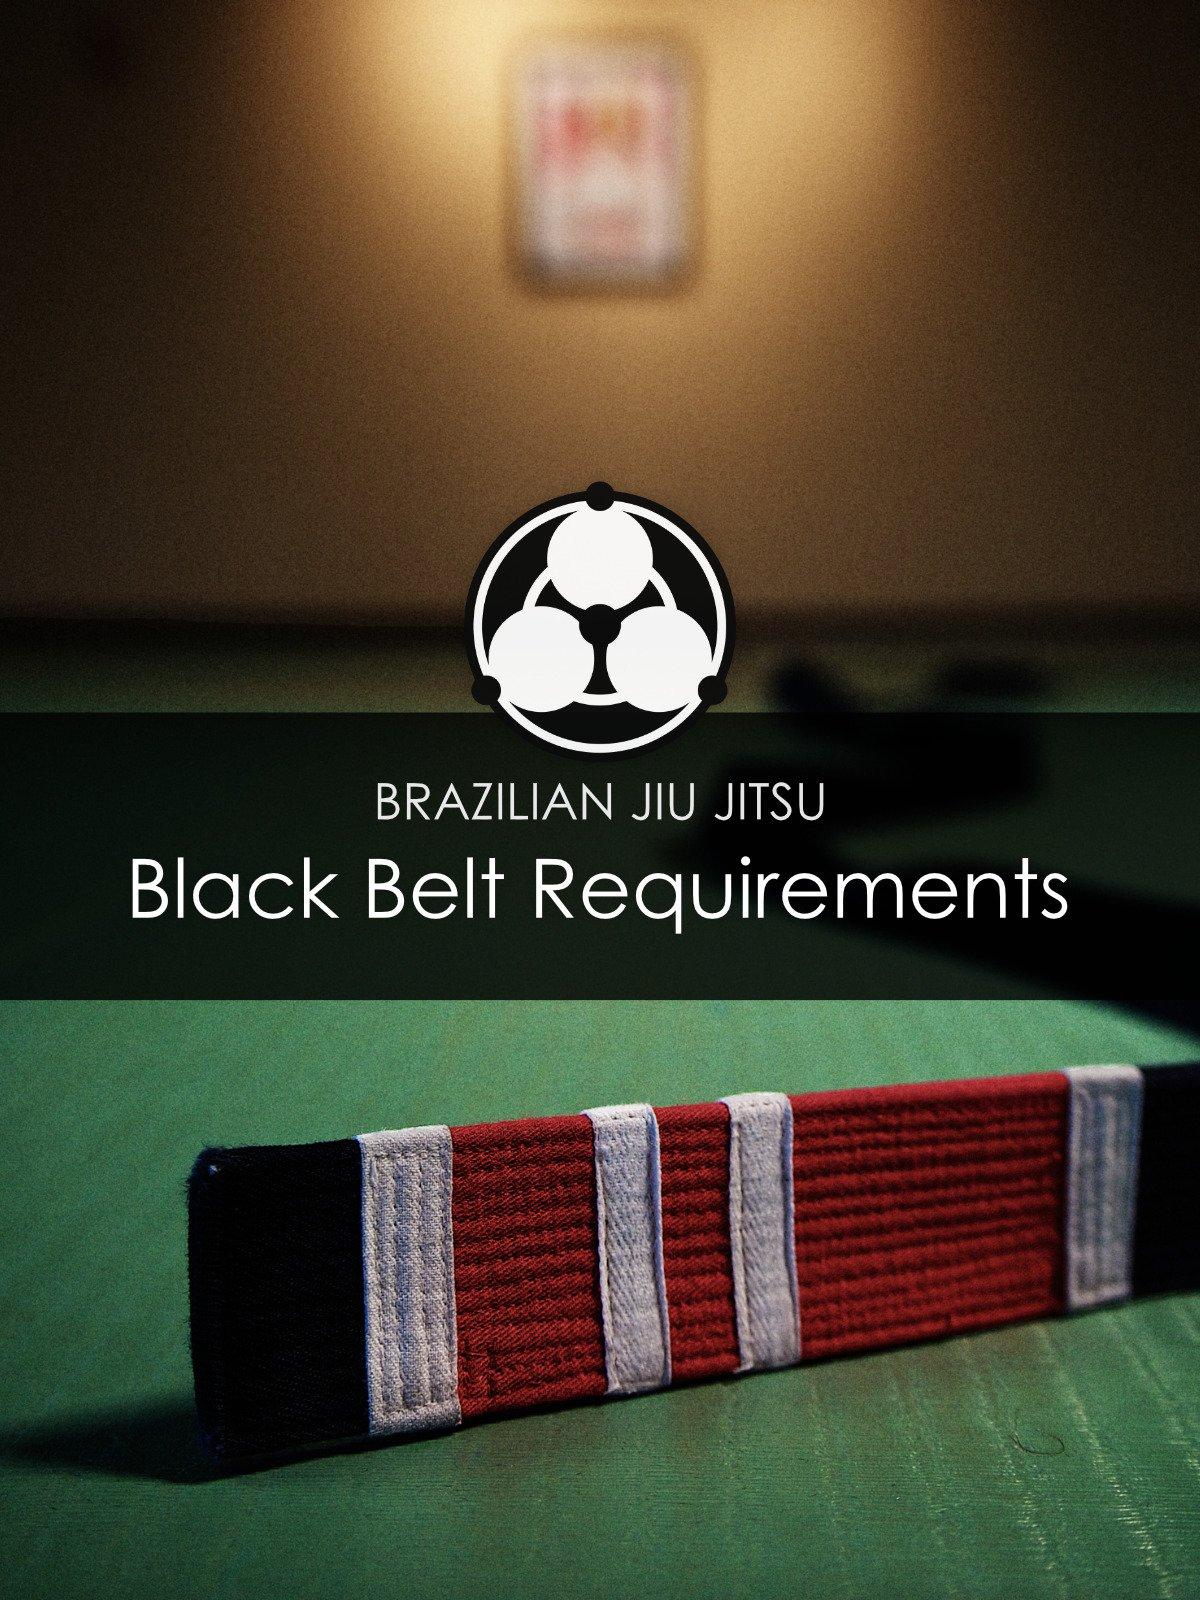 Brazilian Jiu Jitsu Black Belt Requirements